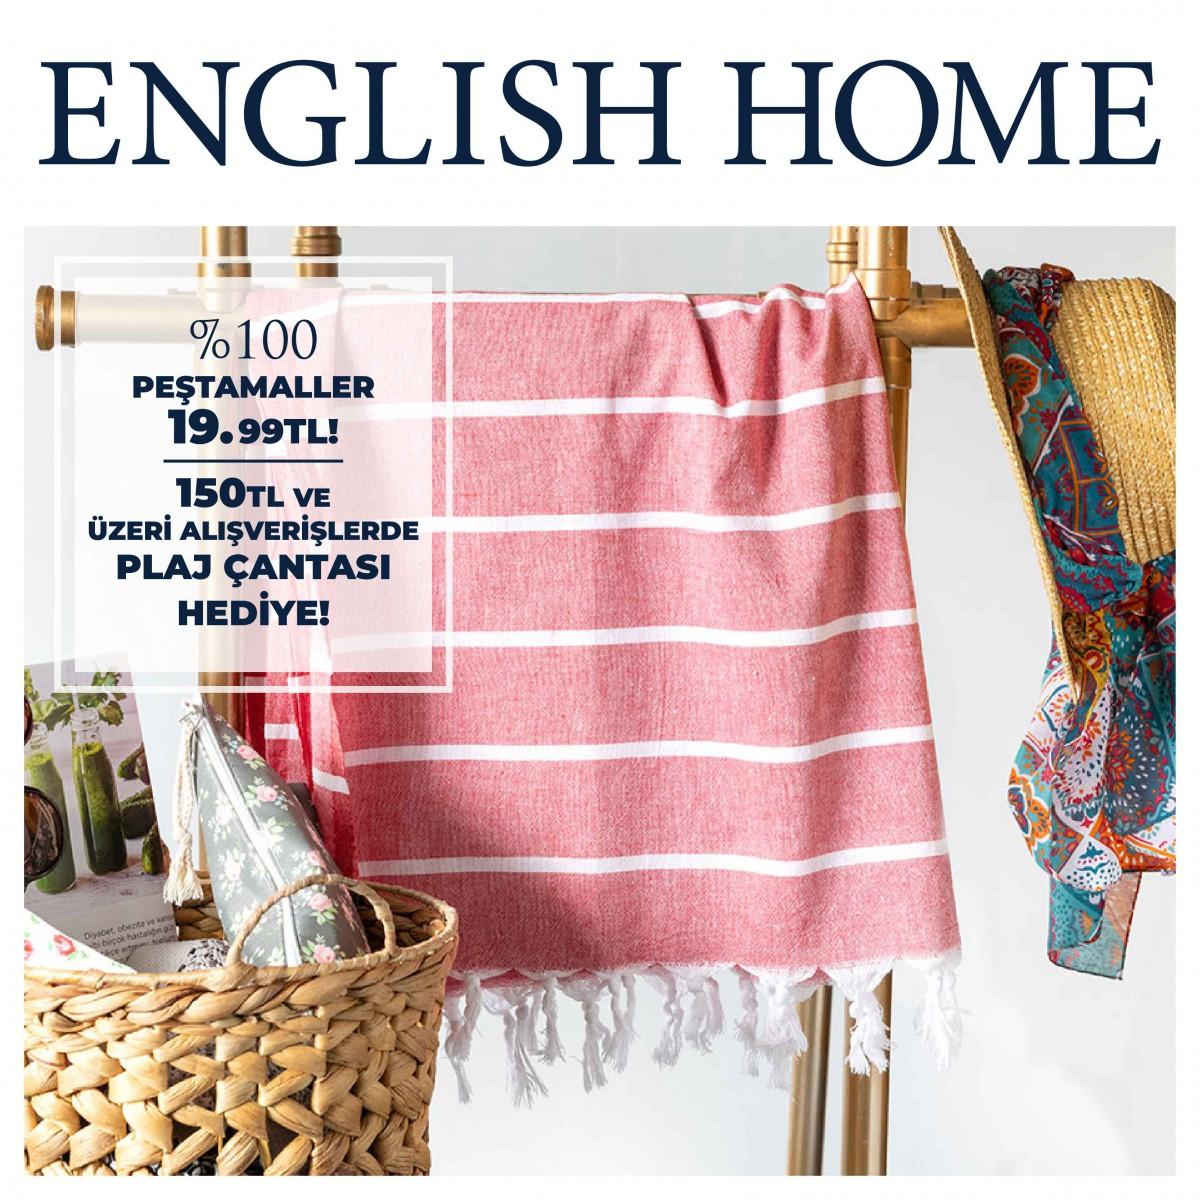 Denize gitmeden English Home'a uğramayı unutmayın!